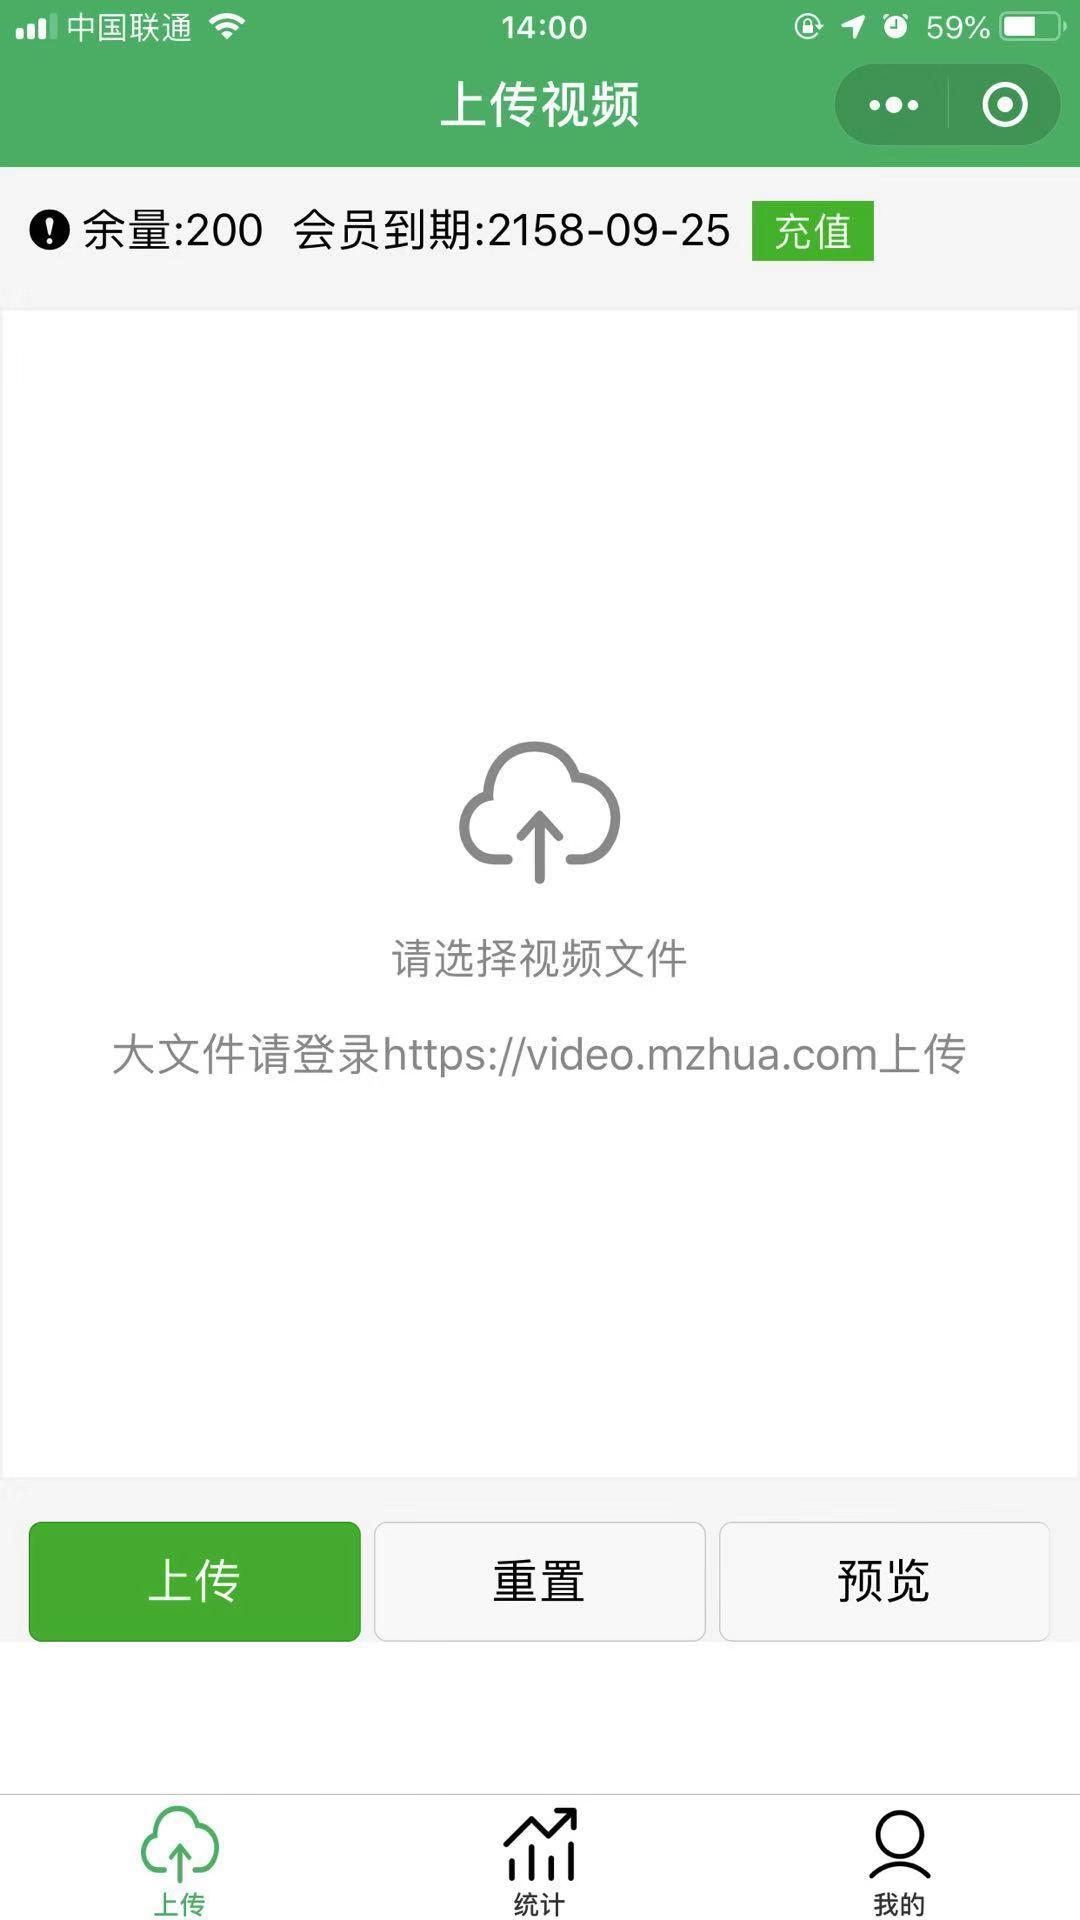 磨爪视频二维码